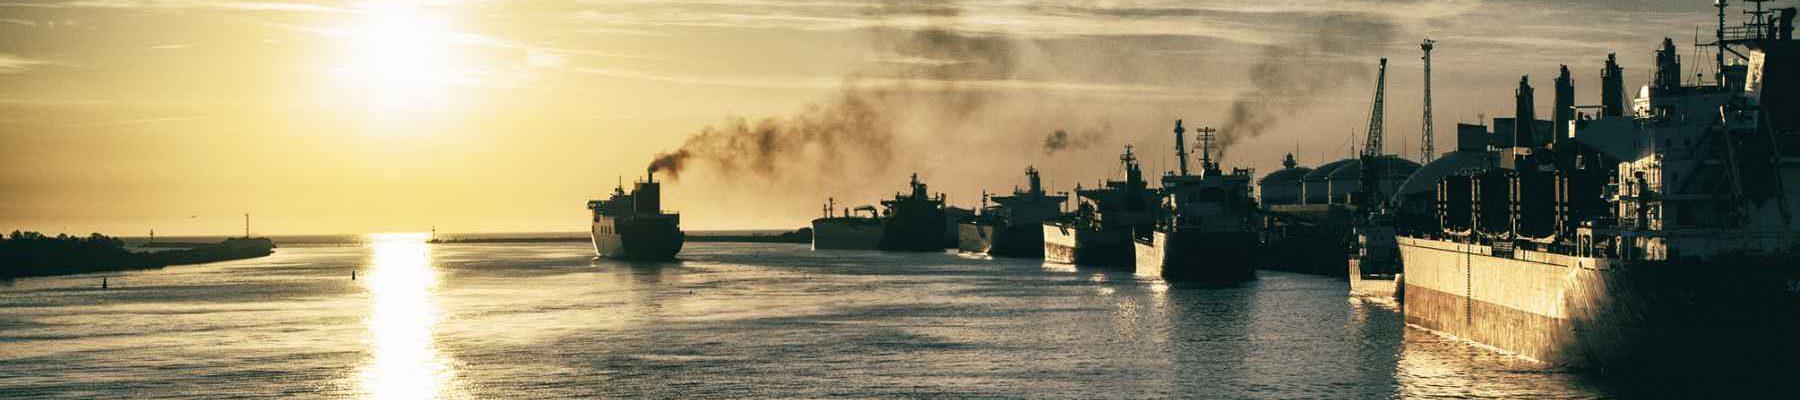 Klaipeda Port 2 min